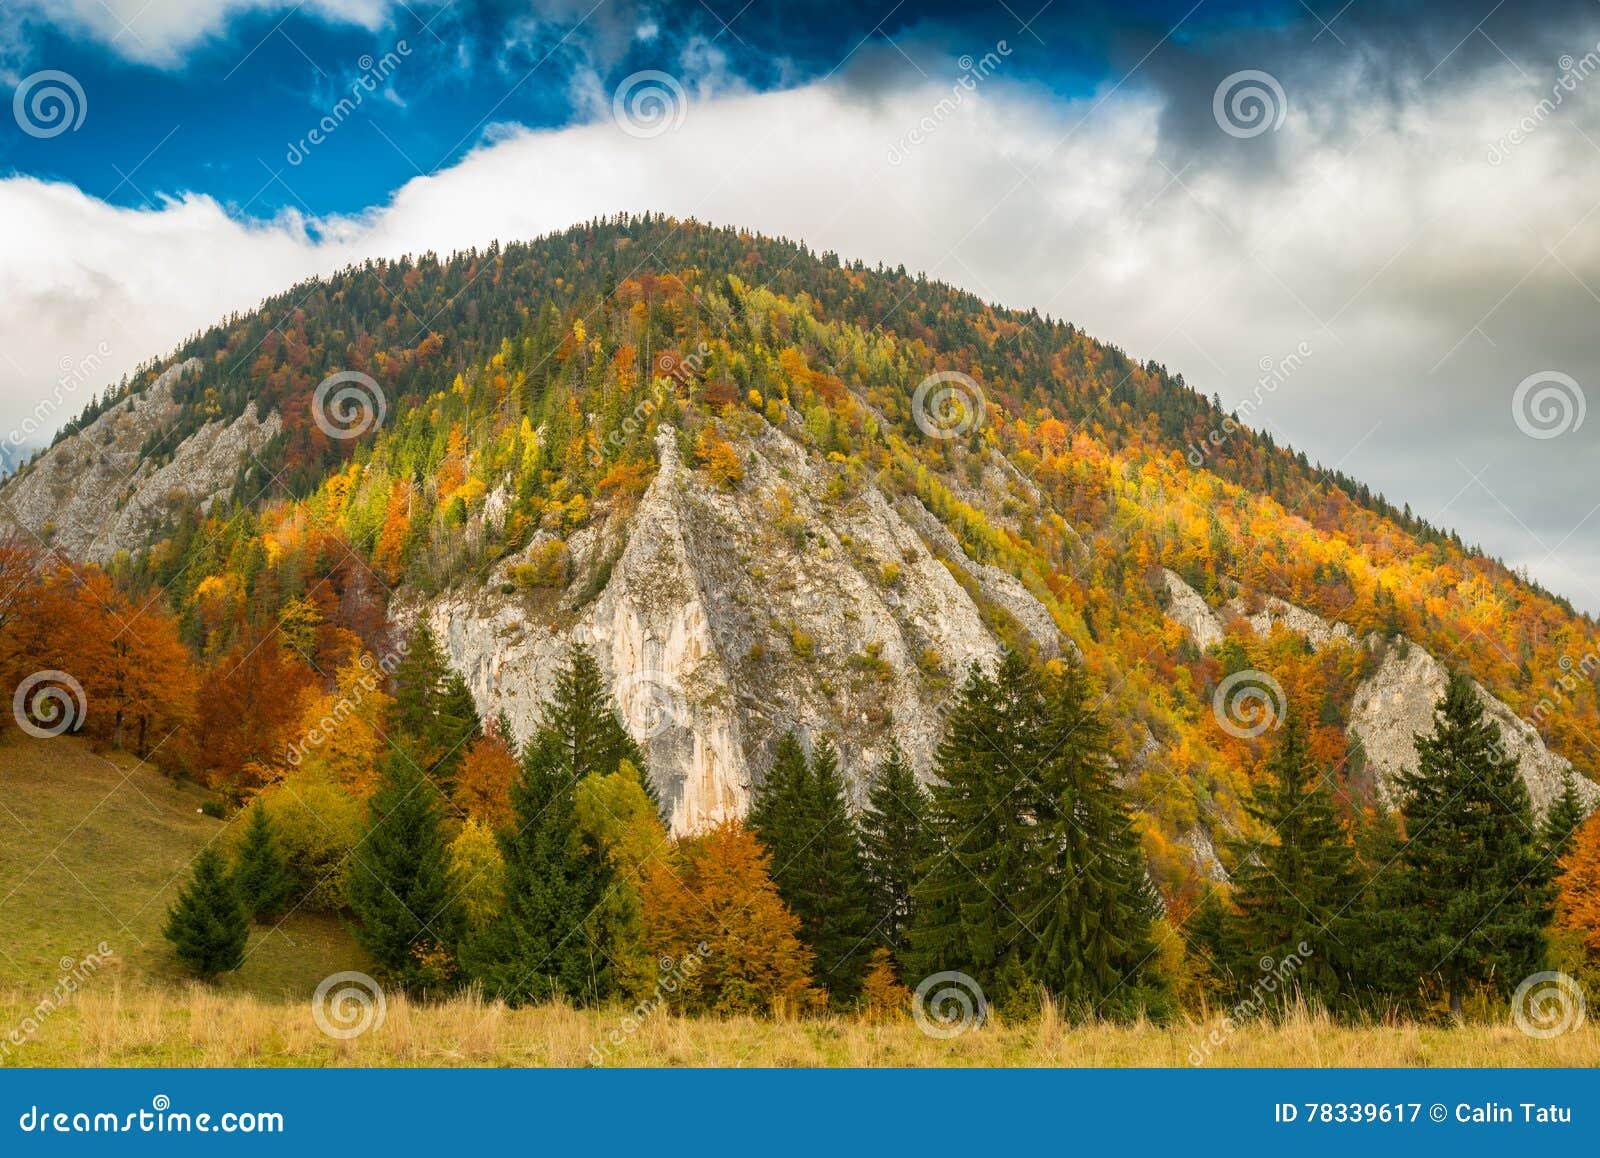 Paysage d automne dans la région éloignée de montagne en Transylvanie